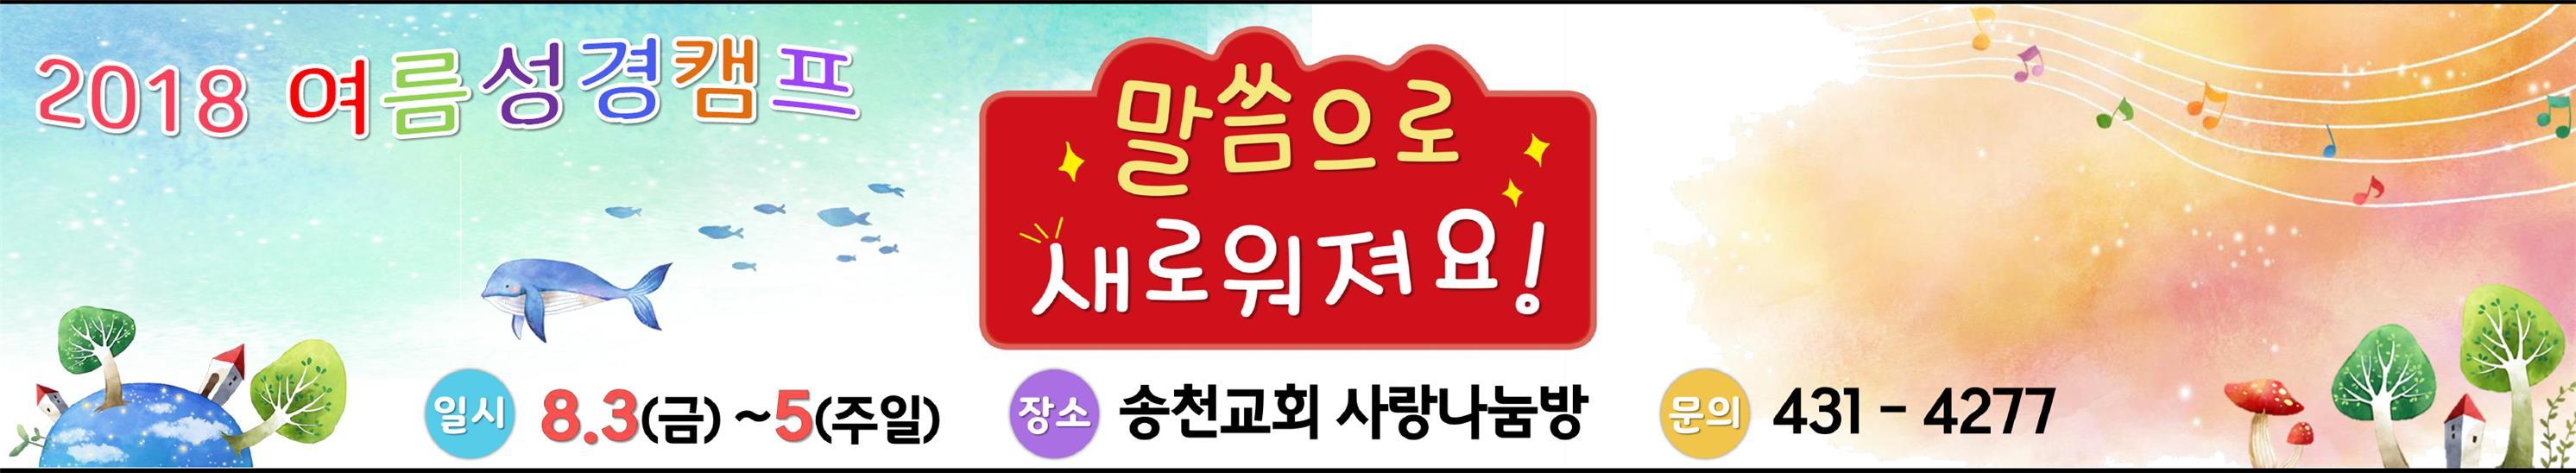 현수막-가로.jpg